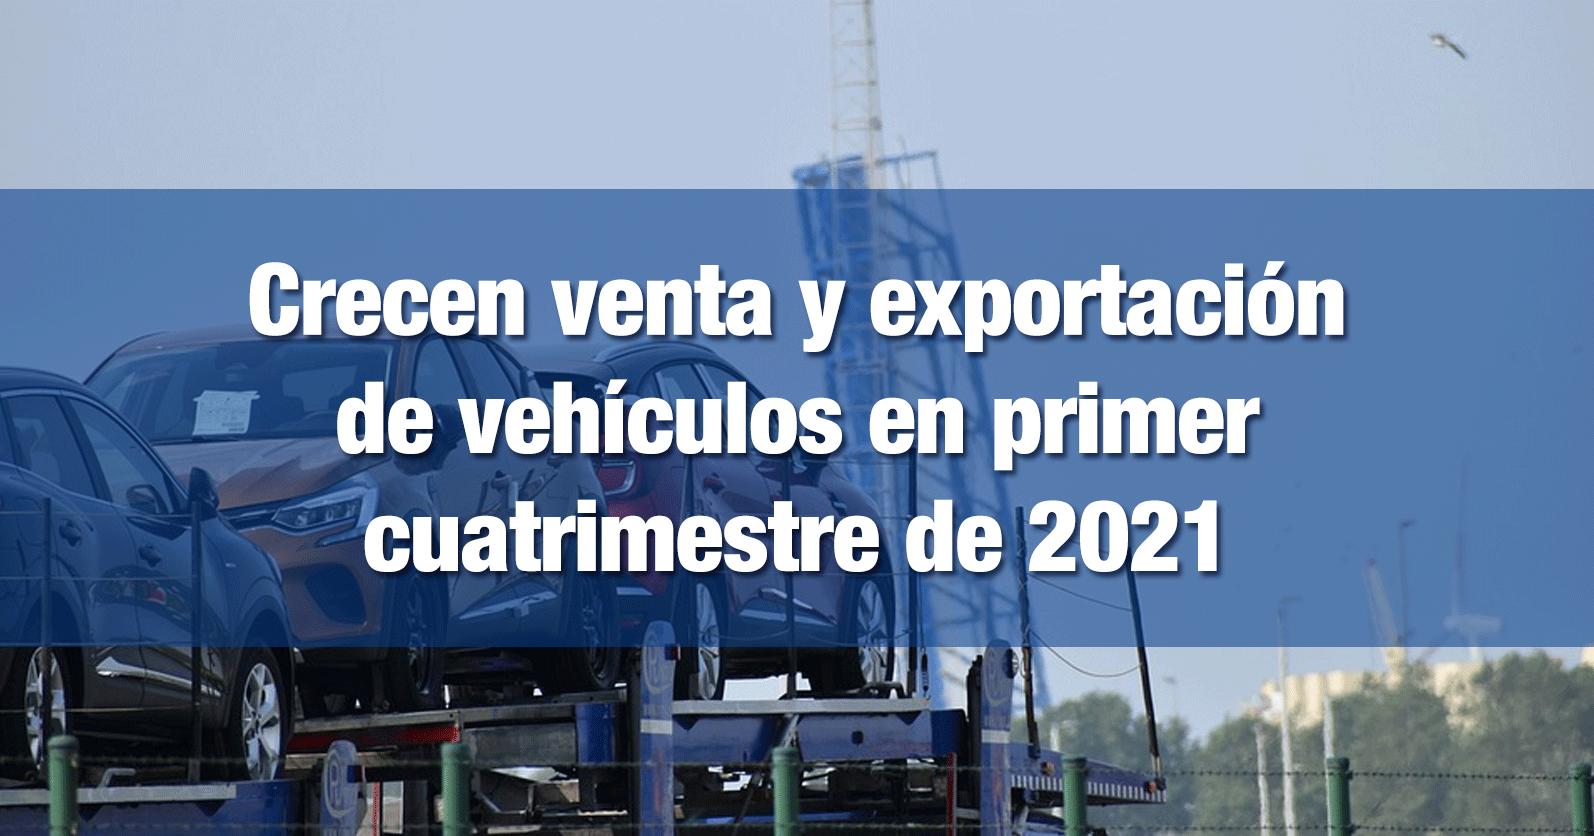 Crecen venta y exportación de vehículos en primer cuatrimestre de 2021